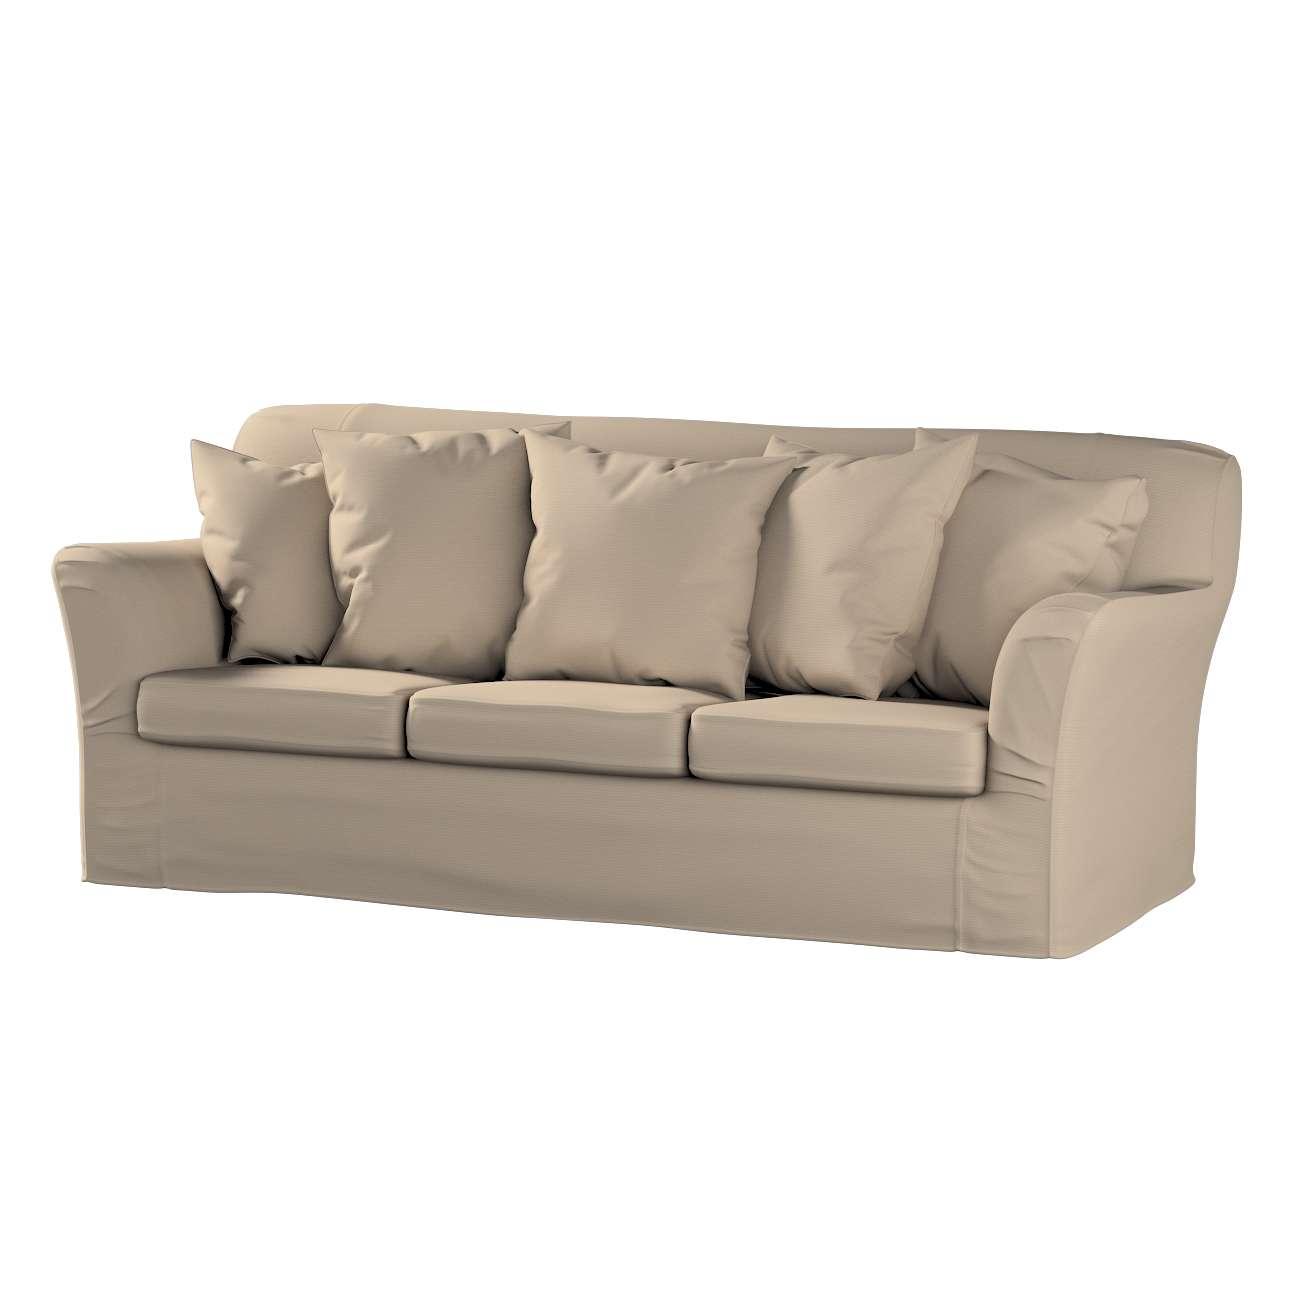 Tomelilla betræk 3 sæder inkl. 5 pudebetræk fra kollektionen Cotton Panama, Stof: 702-28